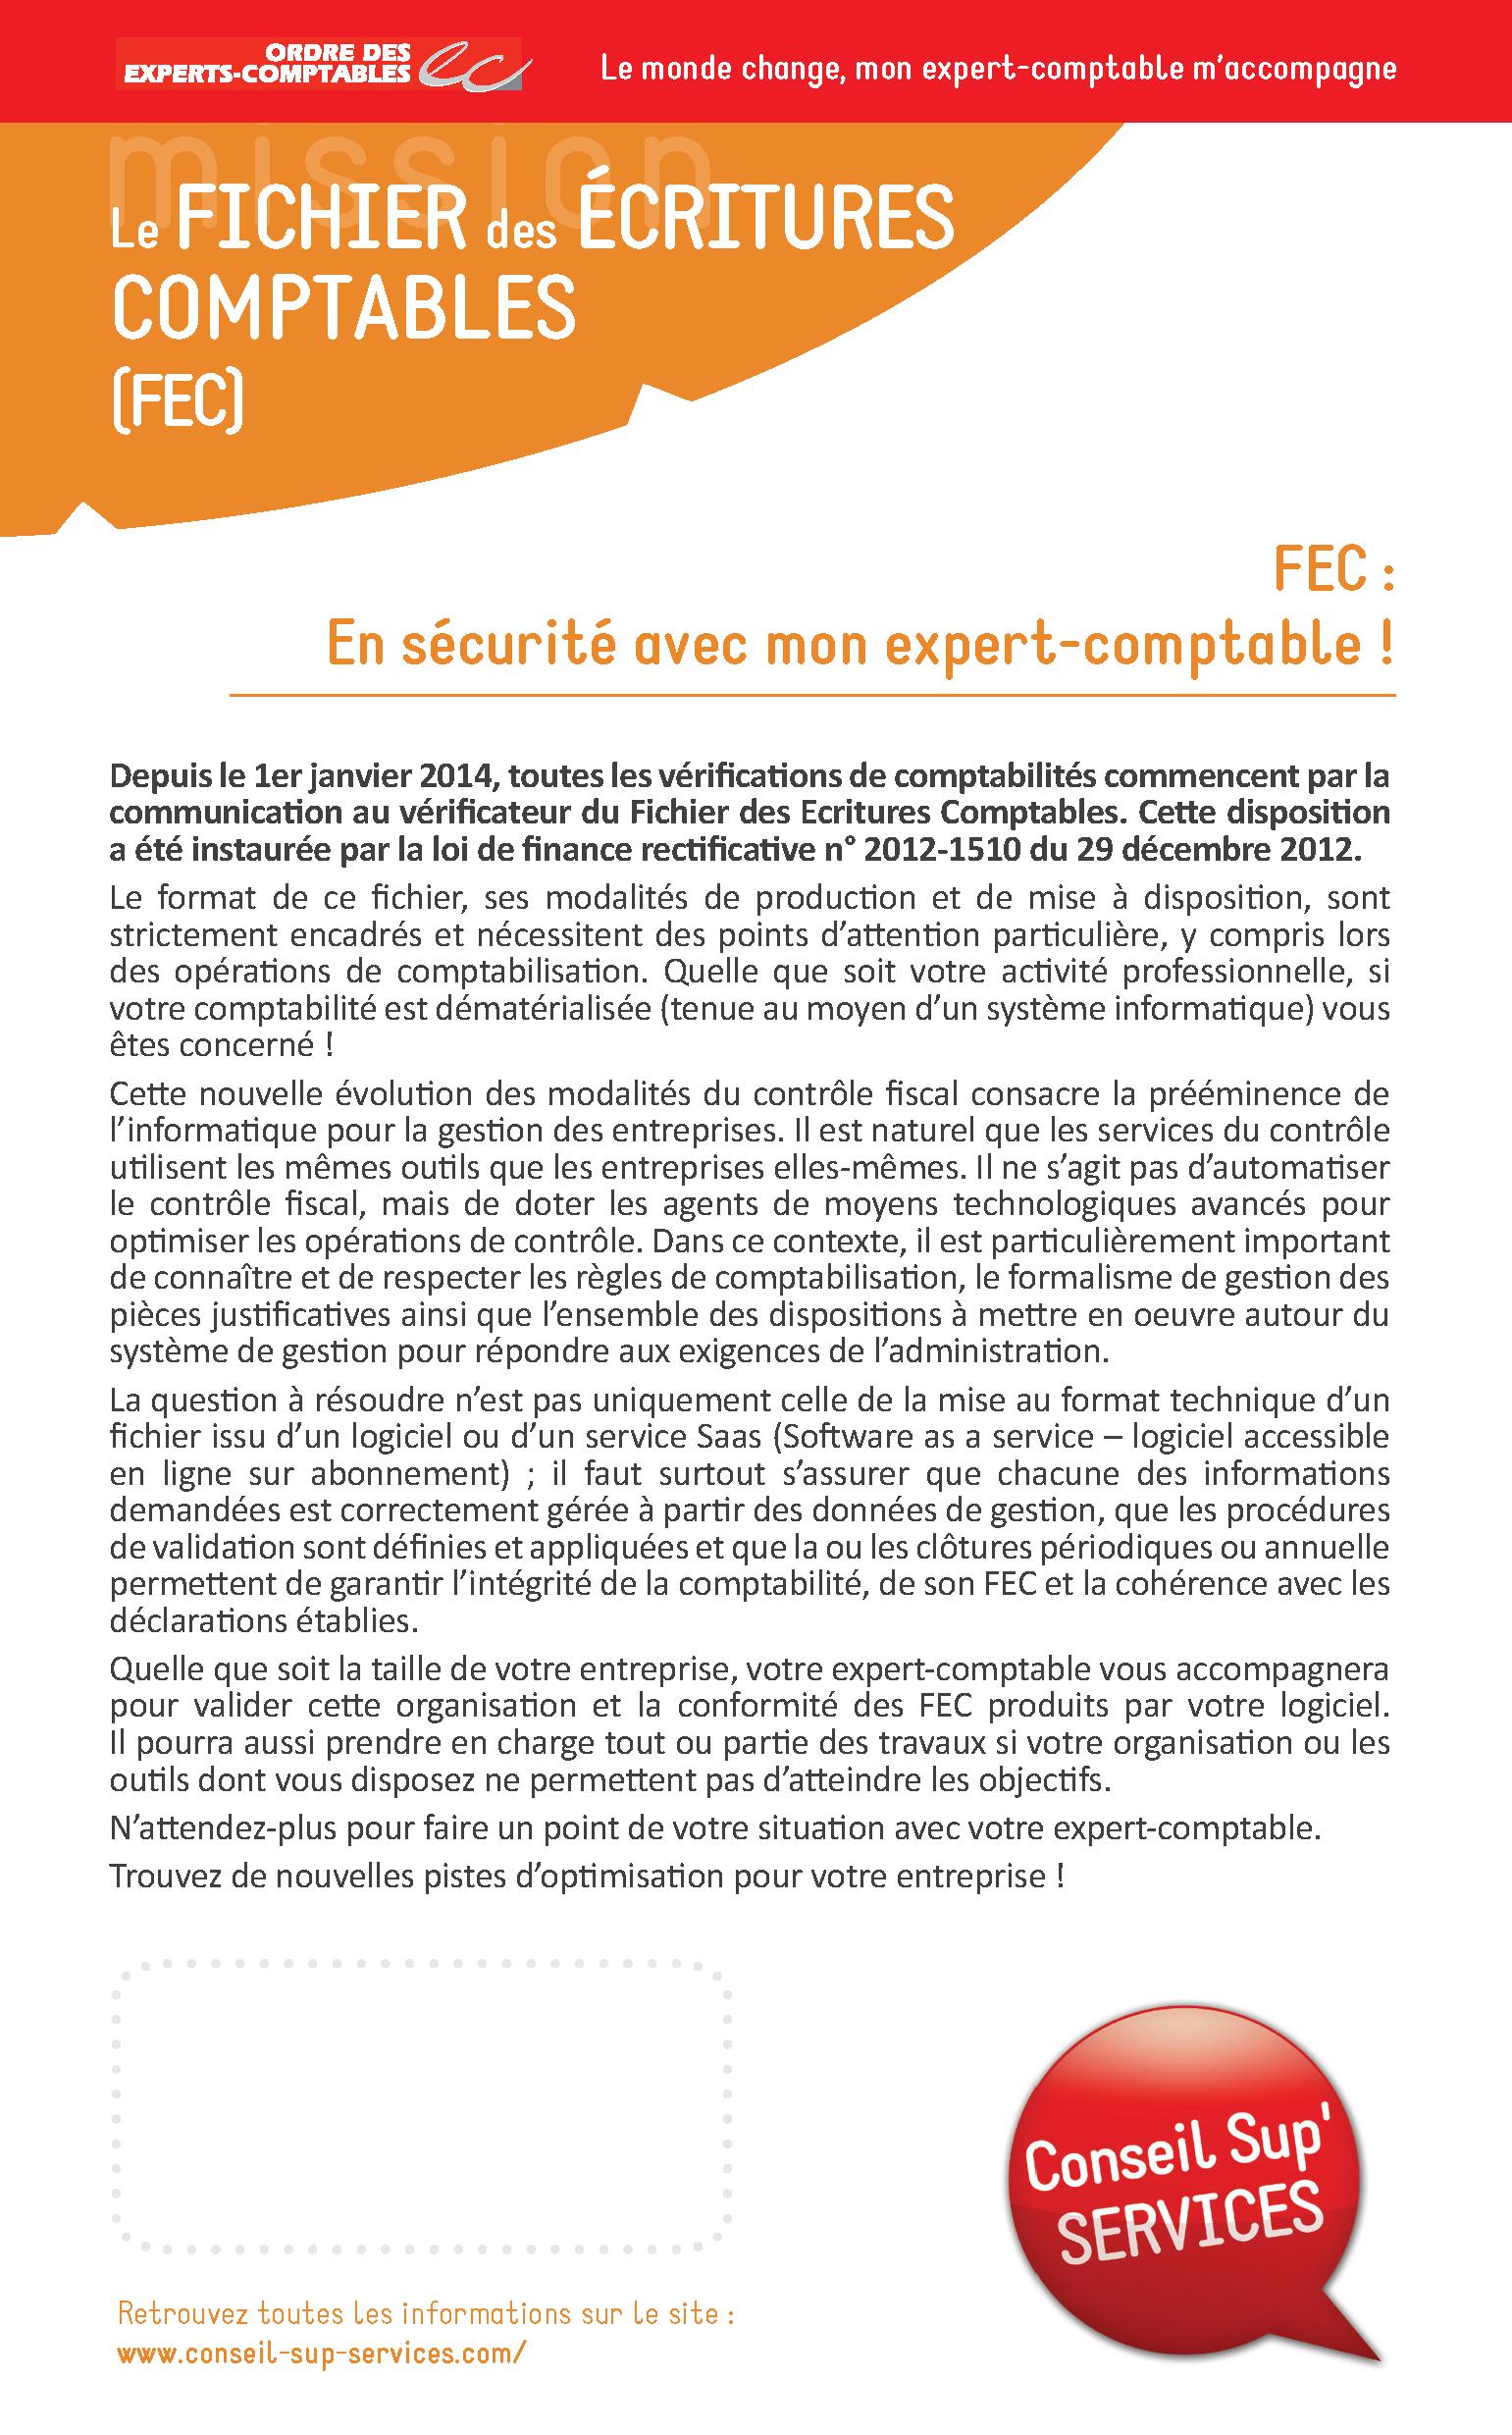 societe d'expertise comptable Salon-de-Provence-comptable Salon-de-Provence-cabinet d'expertise comptable Salon-de-Provence-expert comptable Salon-de-Provence